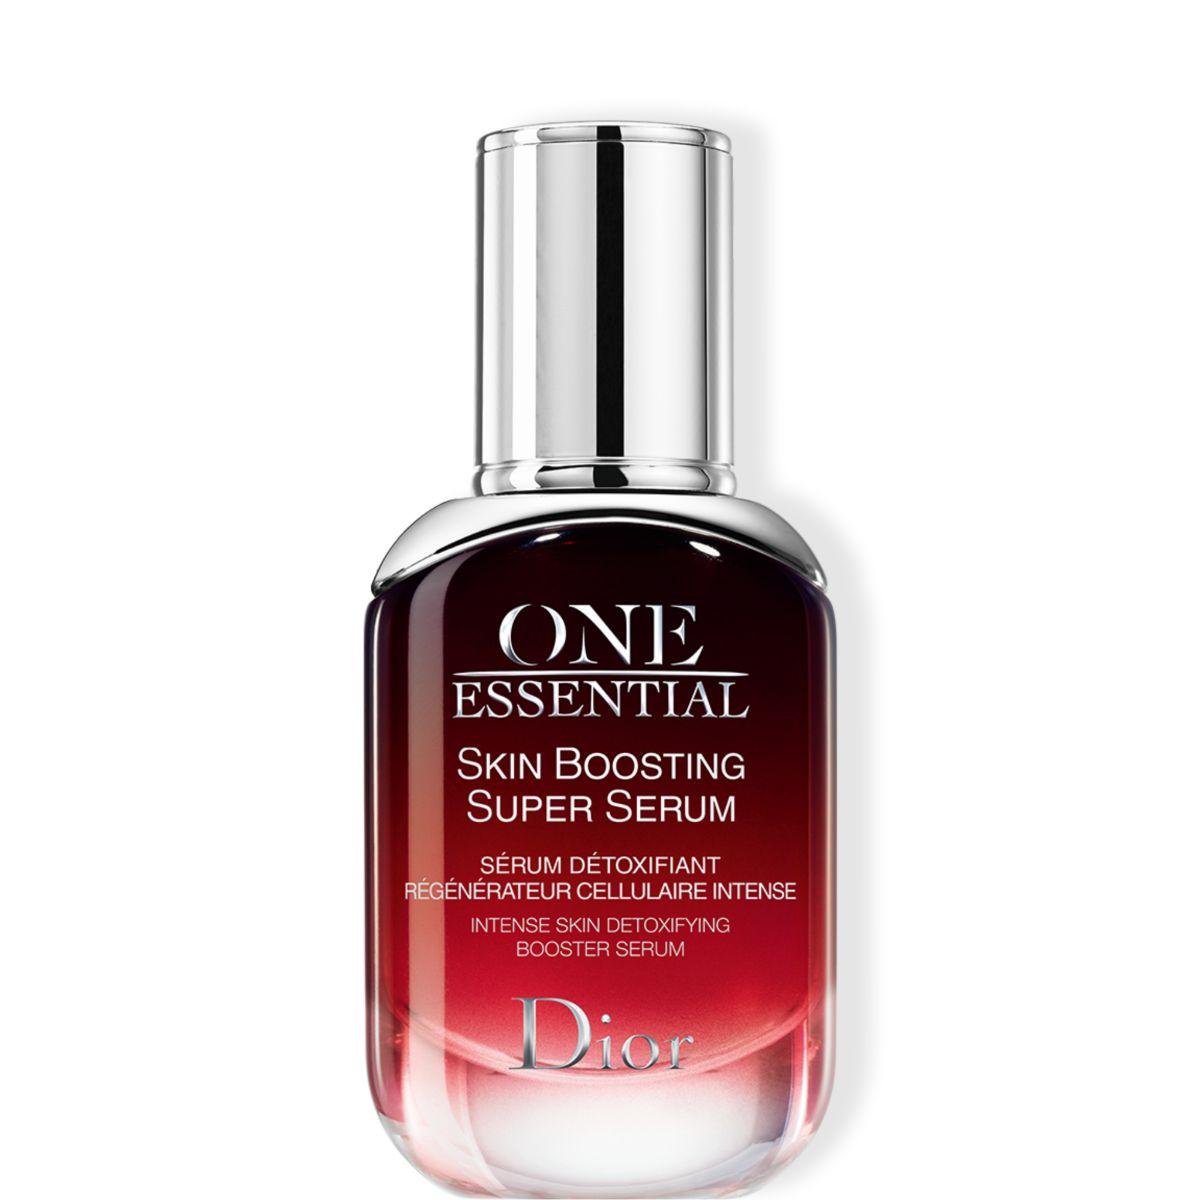 Dior - One Essential - Skin Boosting Super Serum